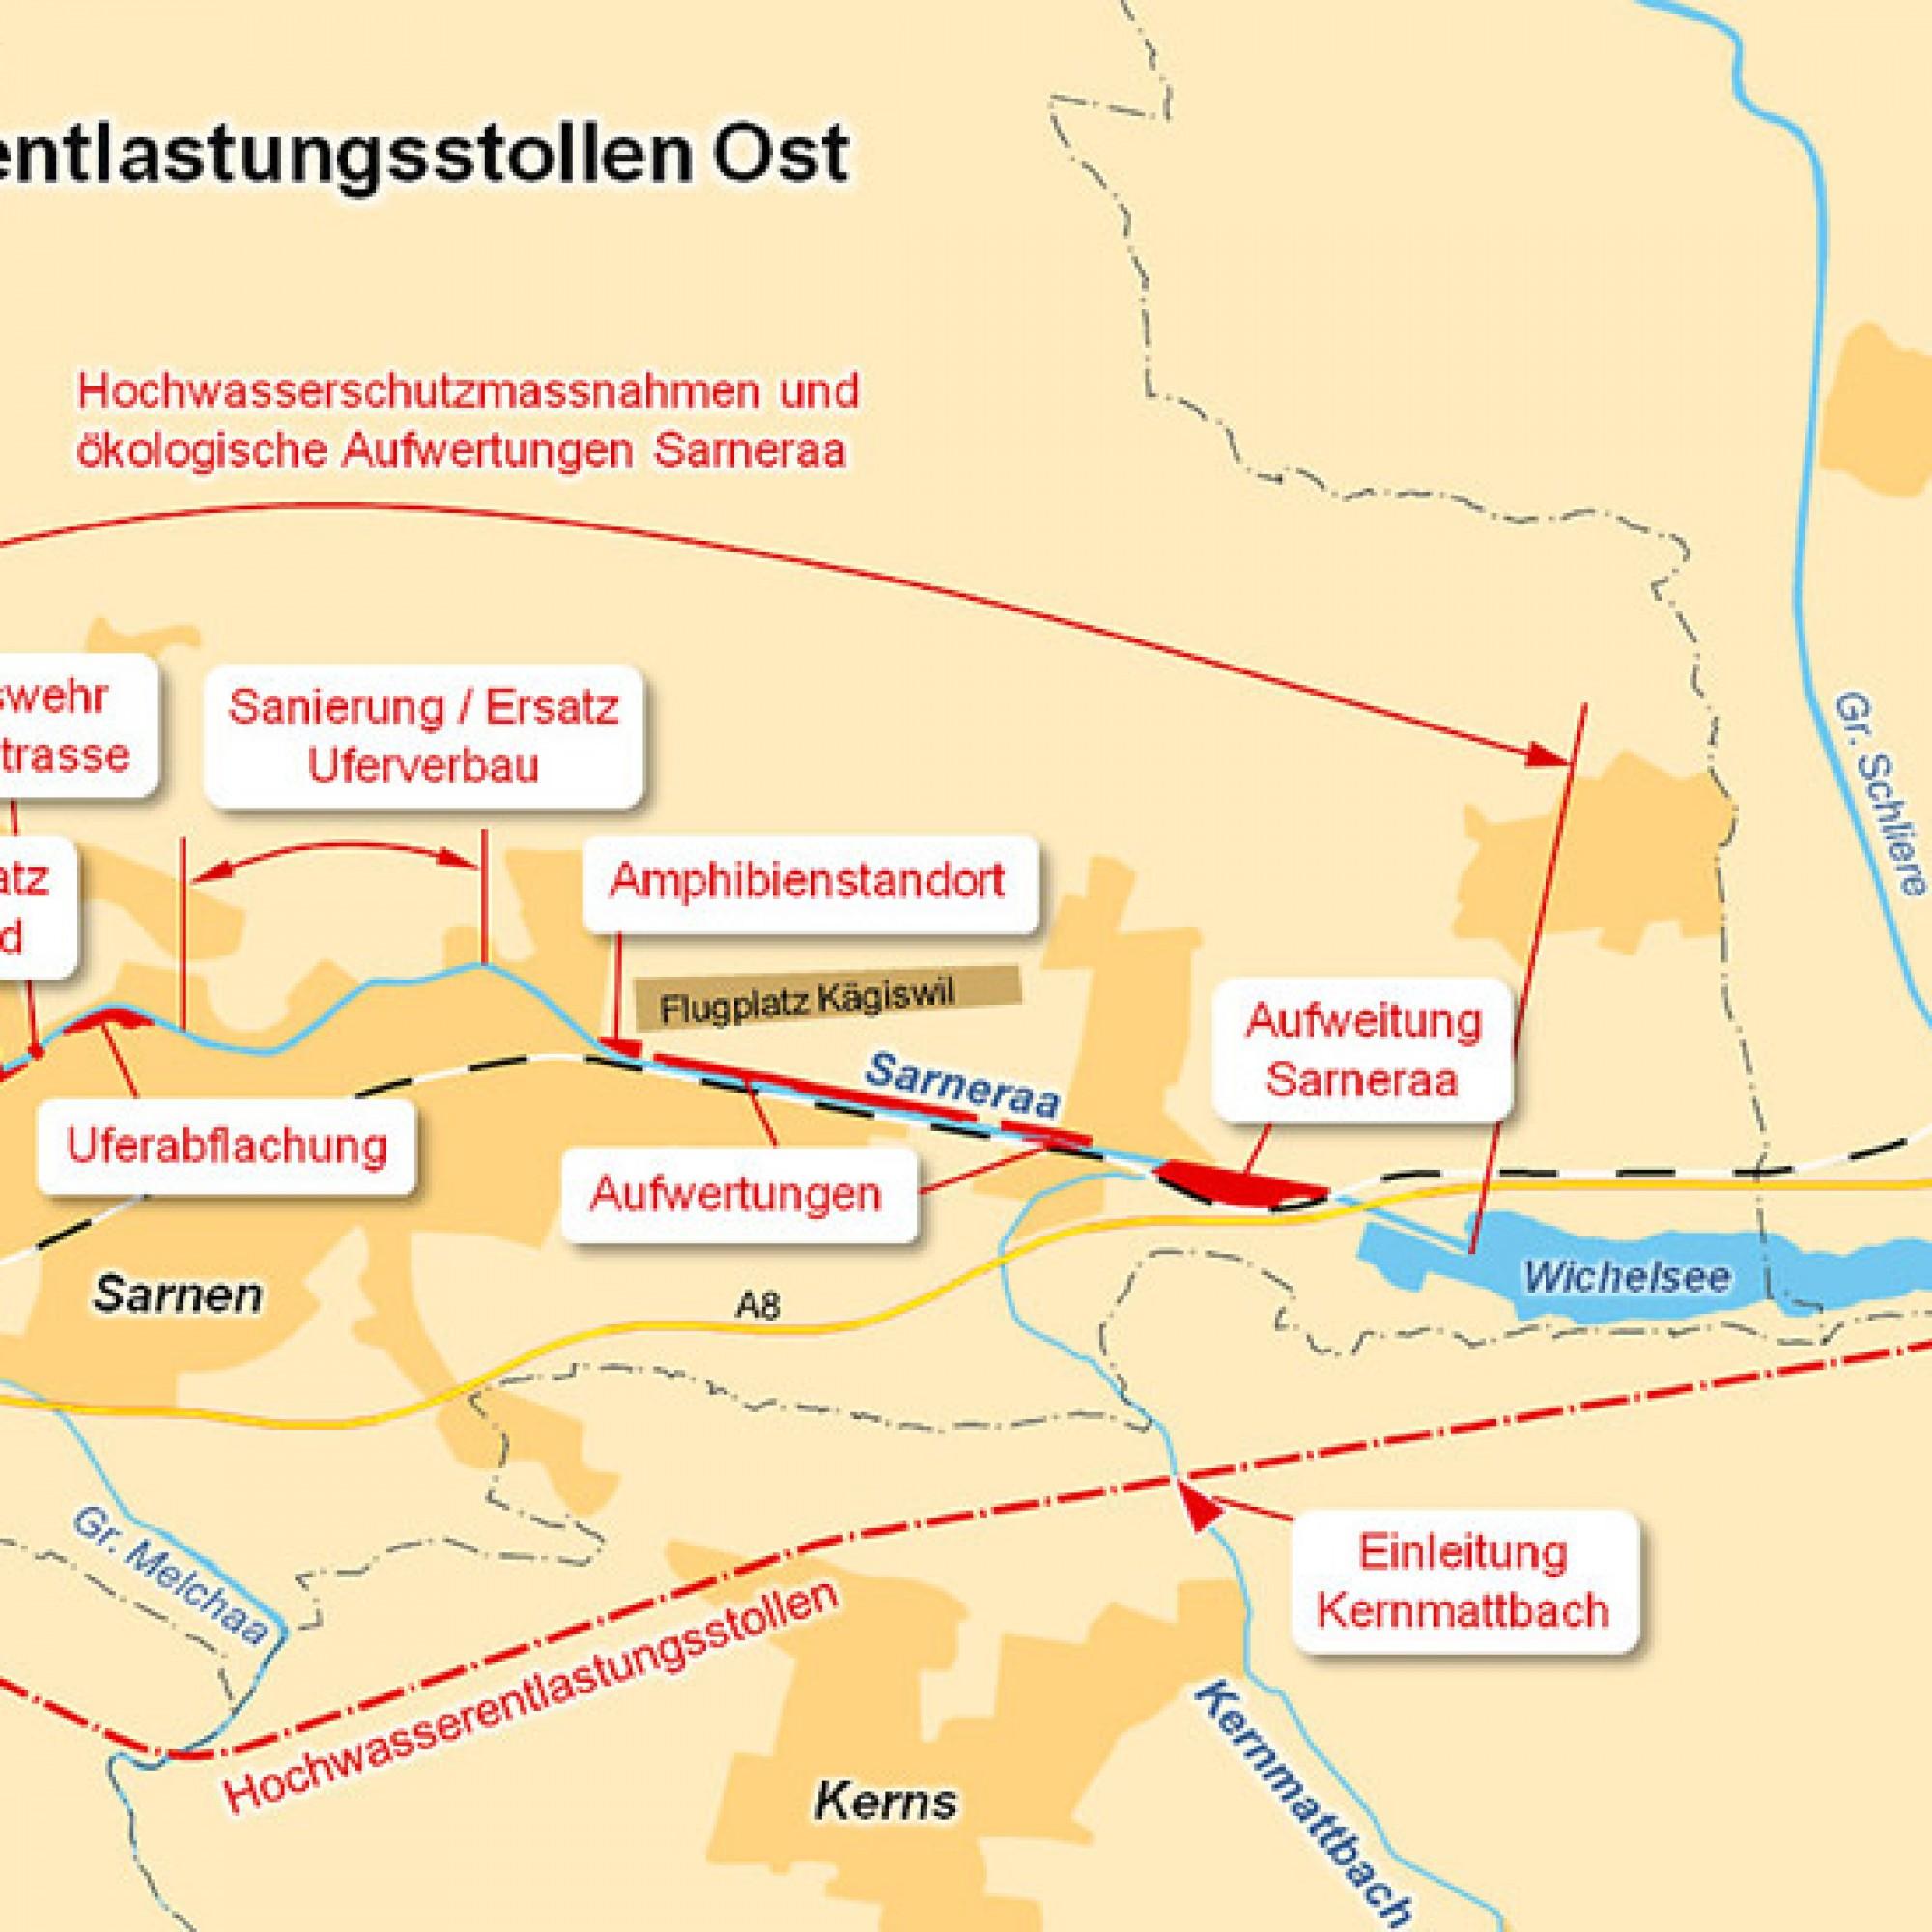 Der Entlastungsstollen verläuft zwischen dem Sarner- und dem Wichelsee. (pd)